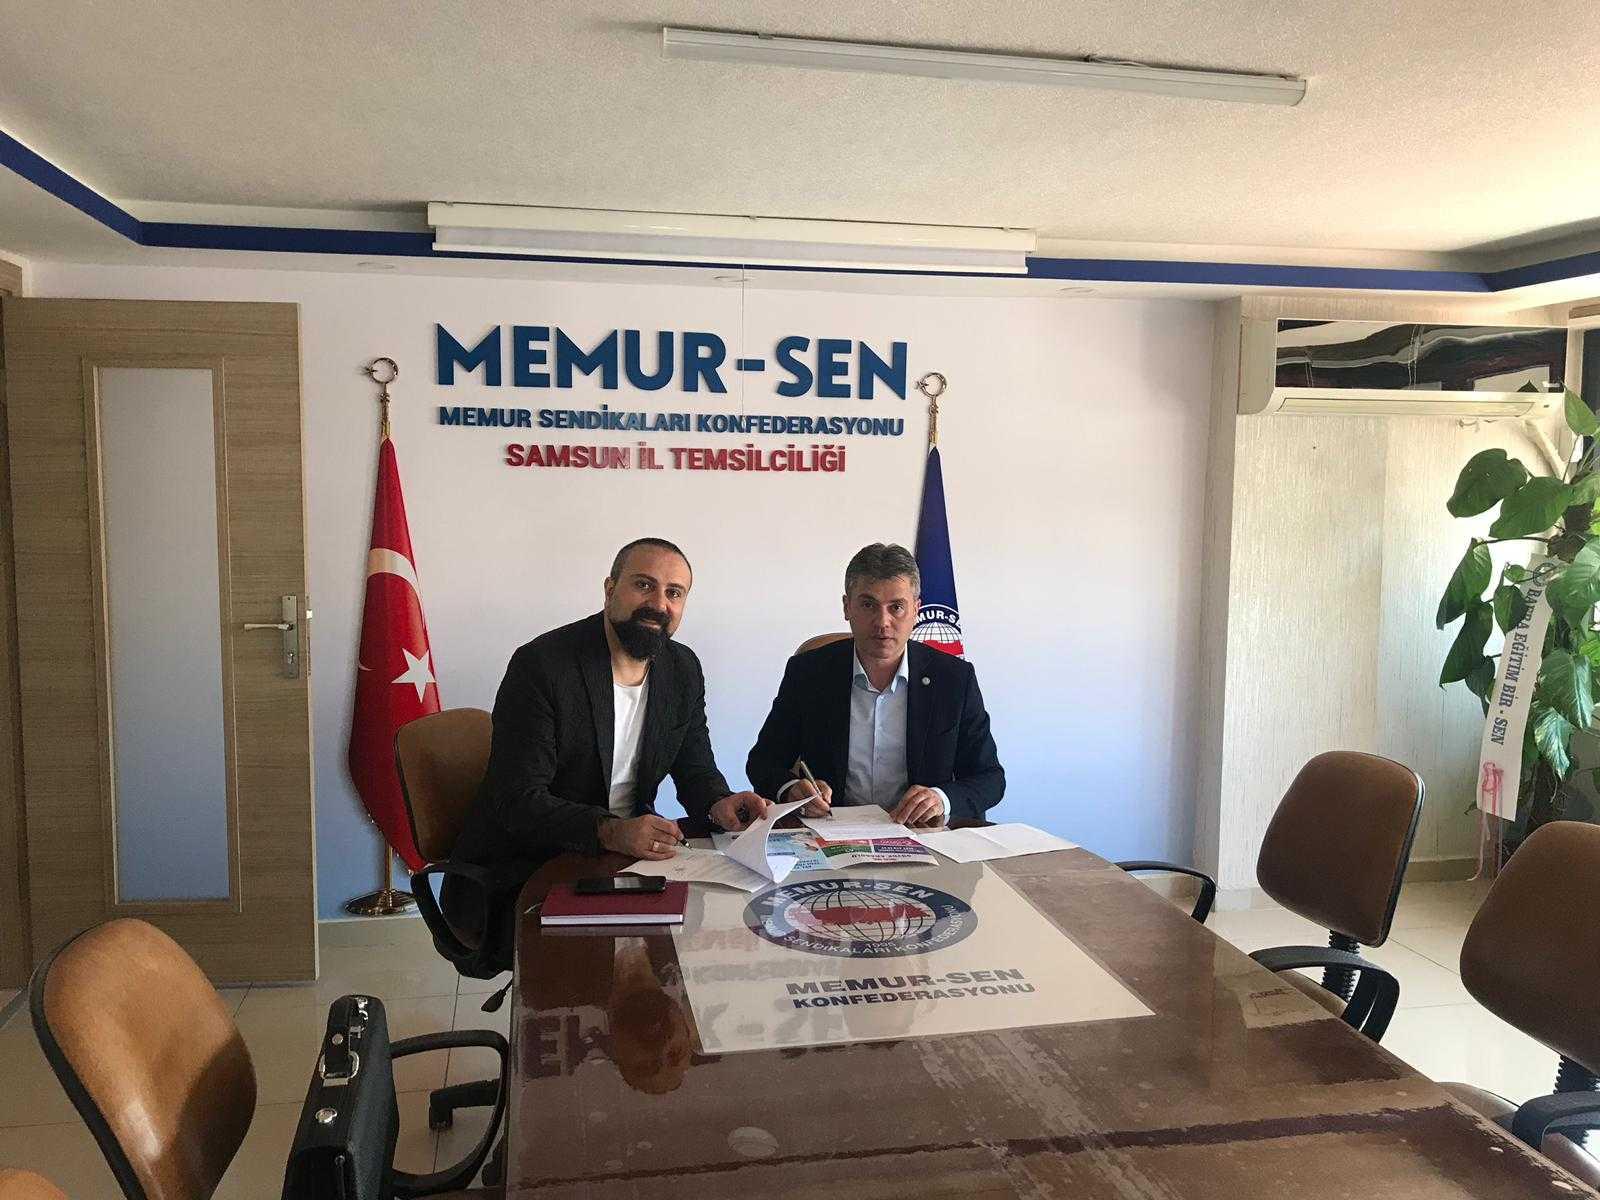 Memursen'in Sağlığı Büyük Anadolu Hastanelerine Emanet